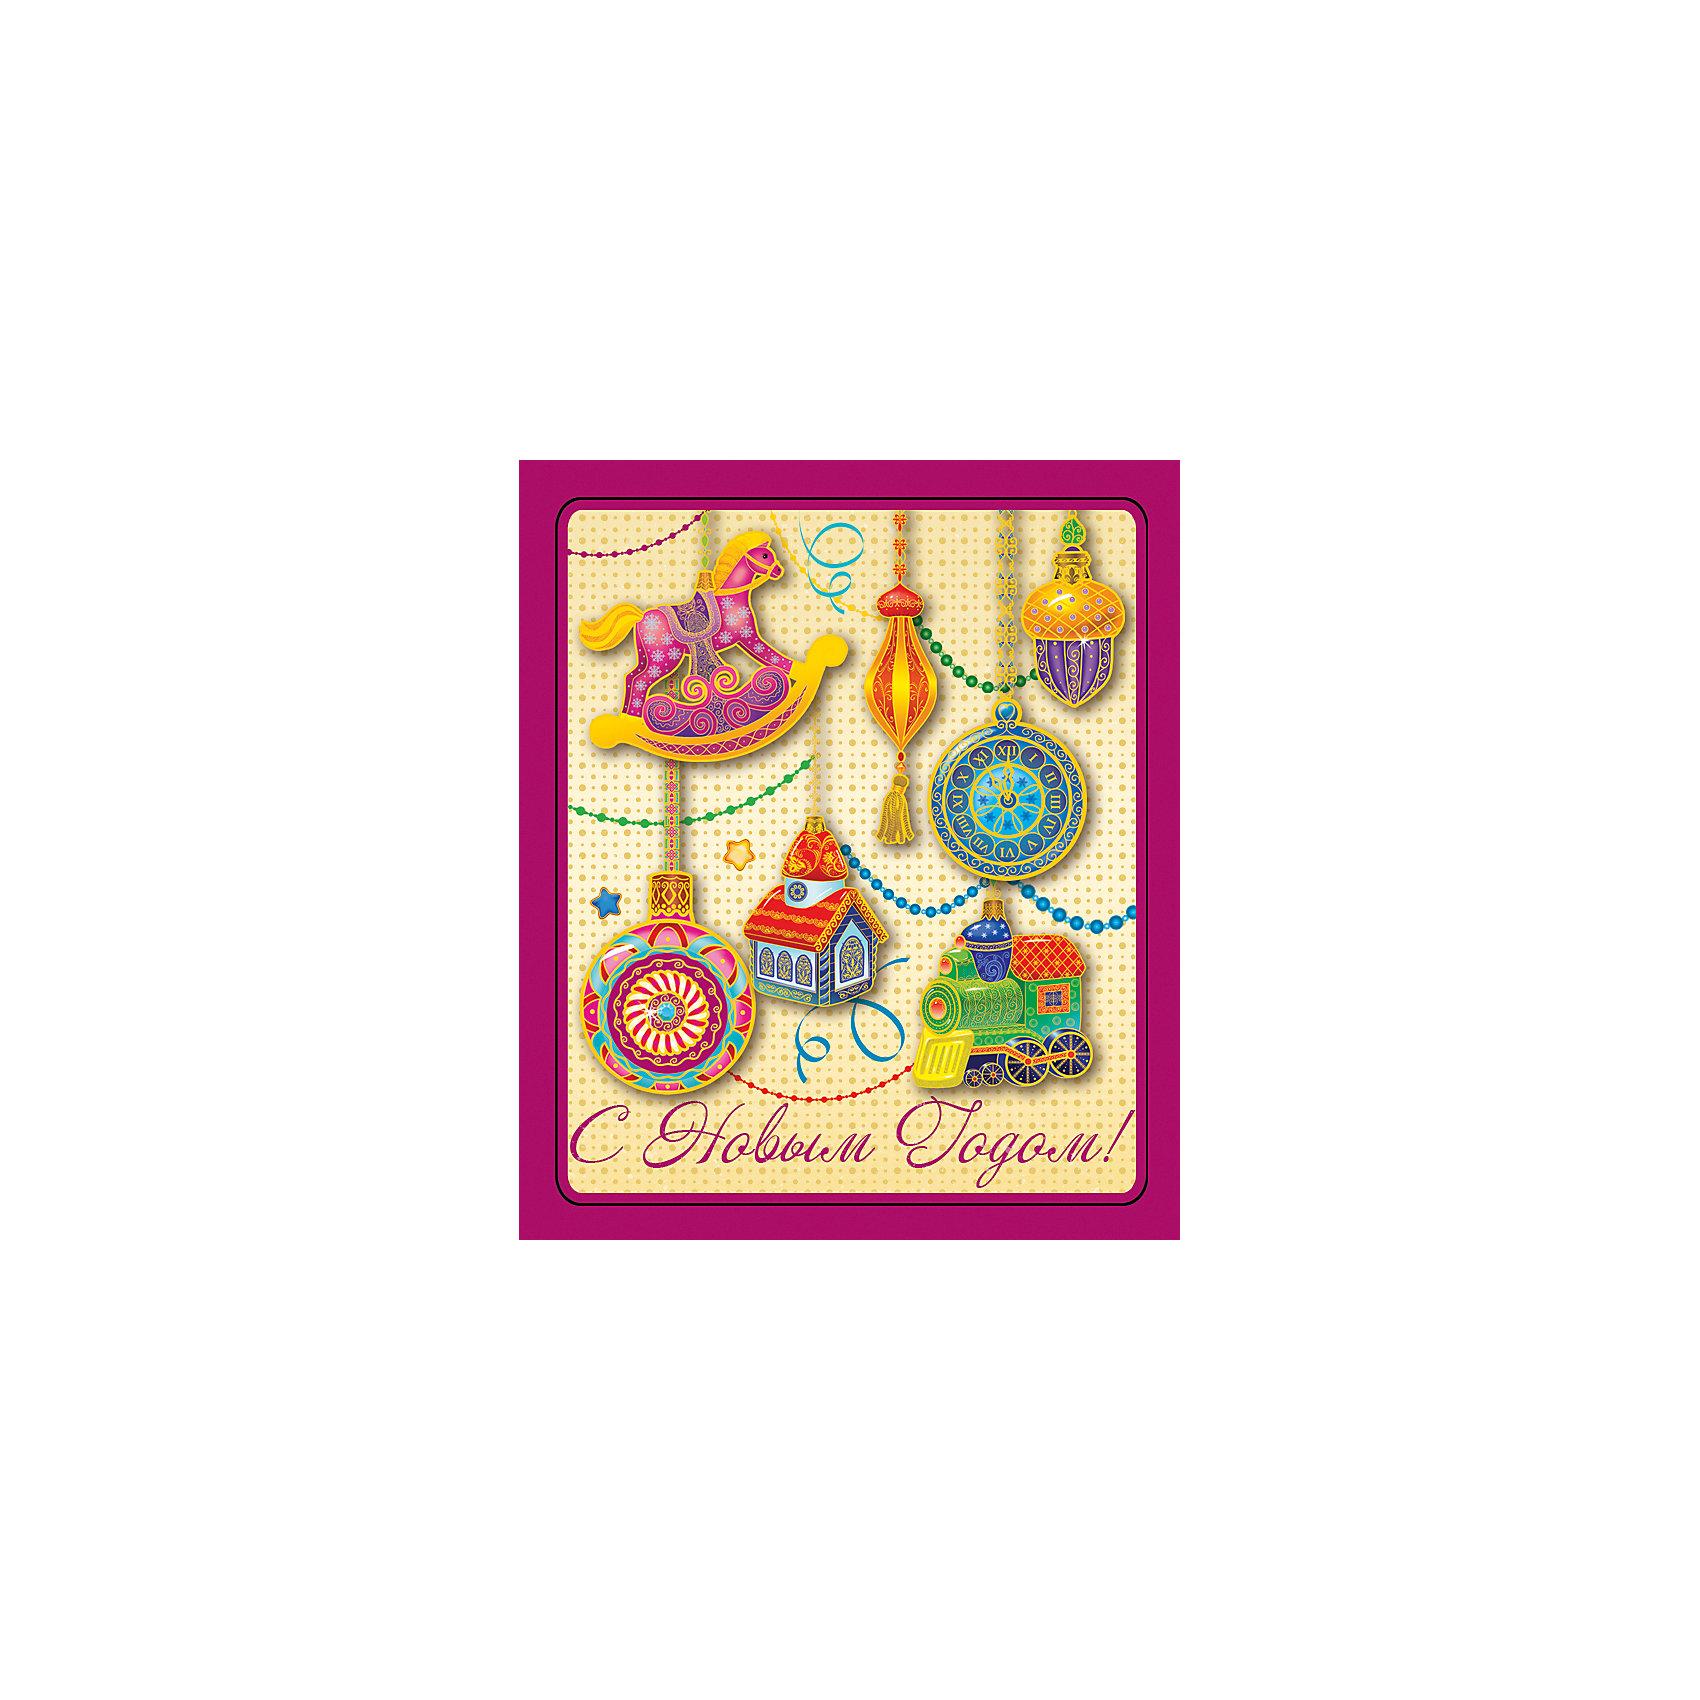 Магнит Милые игрушкиЯркий магнит с новогодней символикой - прекрасный вариант для праздничного сувенира. Магнит можно прикрепить на любую металлическую поверхность, он всегда будет радовать, напоминая о веселом и таком долгожданном для всех празднике! <br><br>Дополнительная информация:<br><br>- Материал: агломерированный феррит. <br>- Размер: 5х6 см.<br>- Яркий привлекательный дизайн. <br><br>Новогодний магнит Милые игрушки можно купить в нашем магазине.<br><br>Ширина мм: 100<br>Глубина мм: 100<br>Высота мм: 10<br>Вес г: 260<br>Возраст от месяцев: 36<br>Возраст до месяцев: 2147483647<br>Пол: Унисекс<br>Возраст: Детский<br>SKU: 4981318